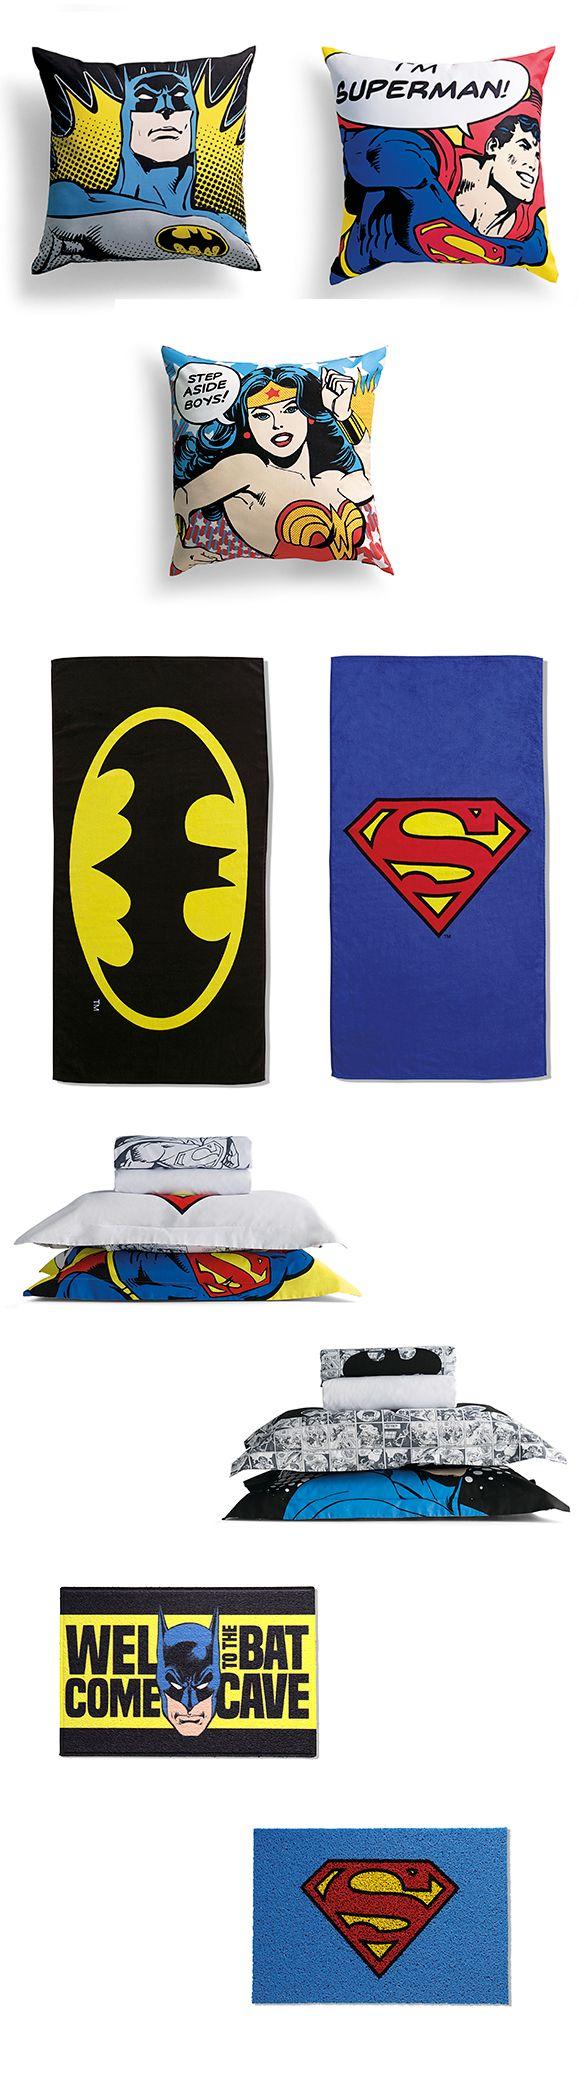 Blog Estação - Batman vs. Superman: Moda Casa | Riachuelo - O Abraço da Moda